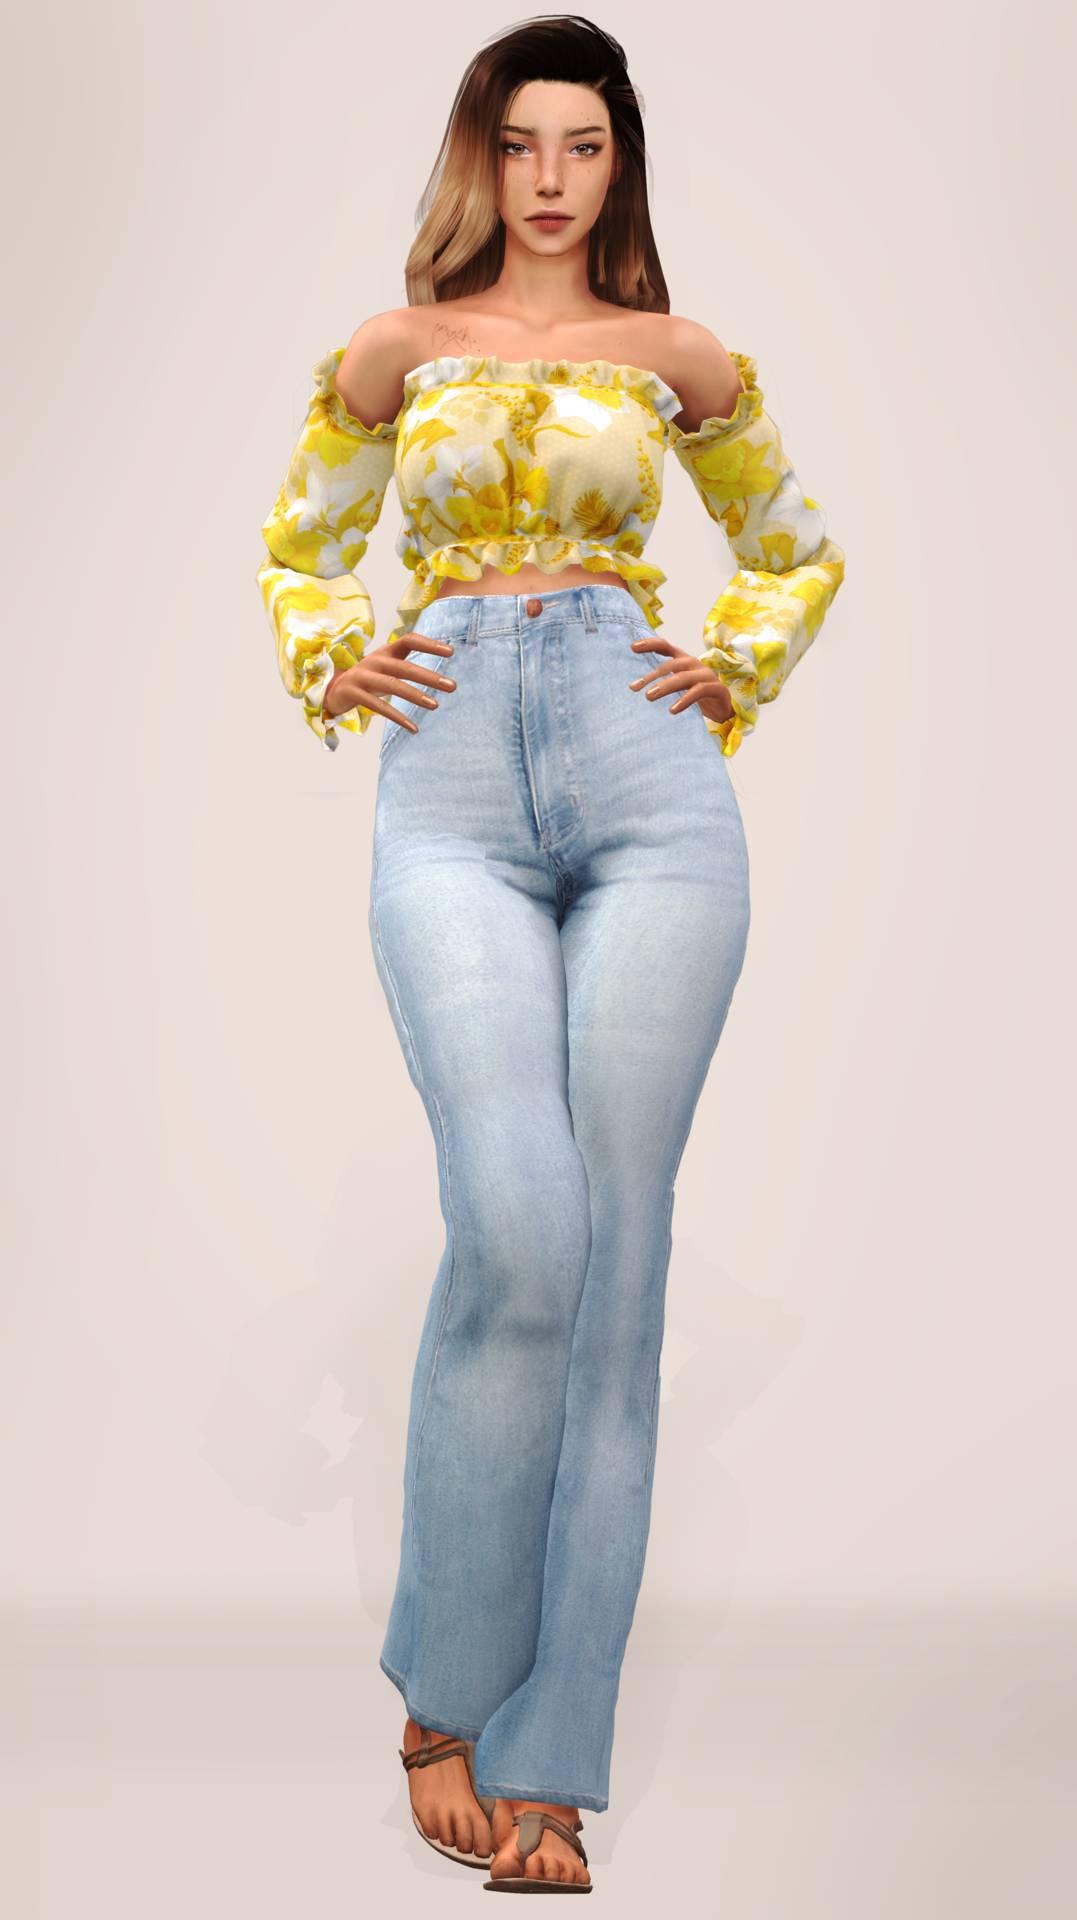 Топ и джинсы - Summer Waist Top & High Waist Wide Jeans